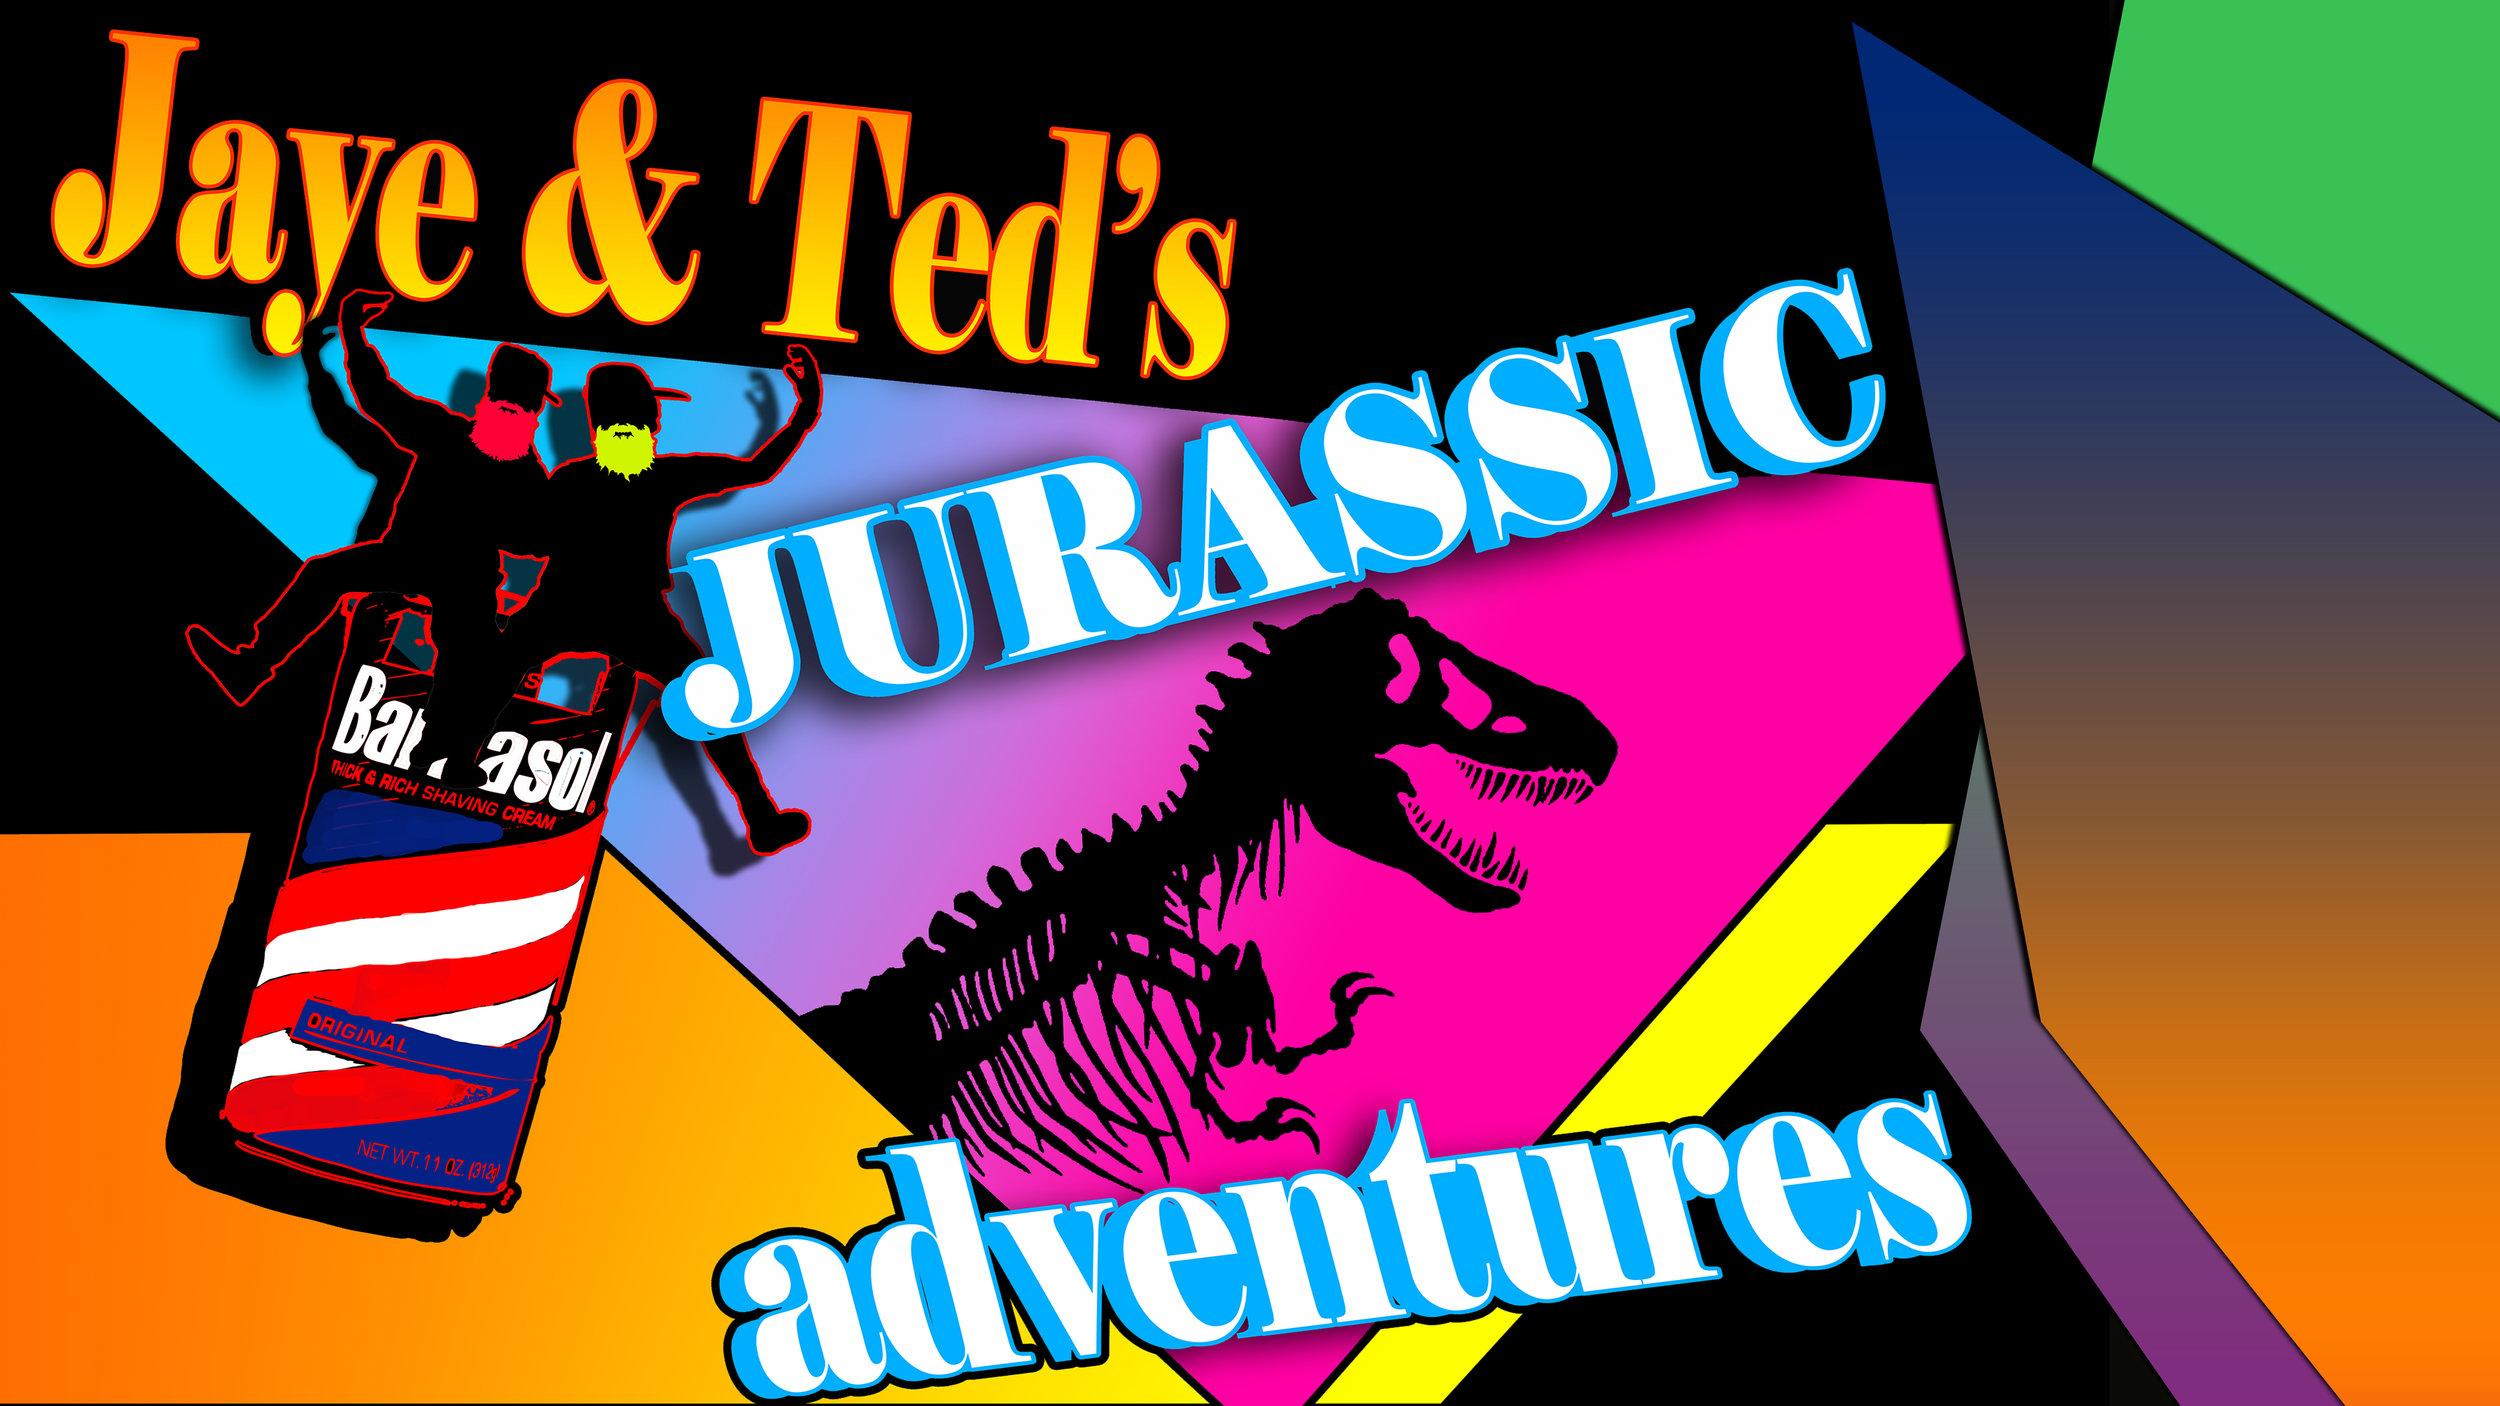 Jaye&Ted.jpg